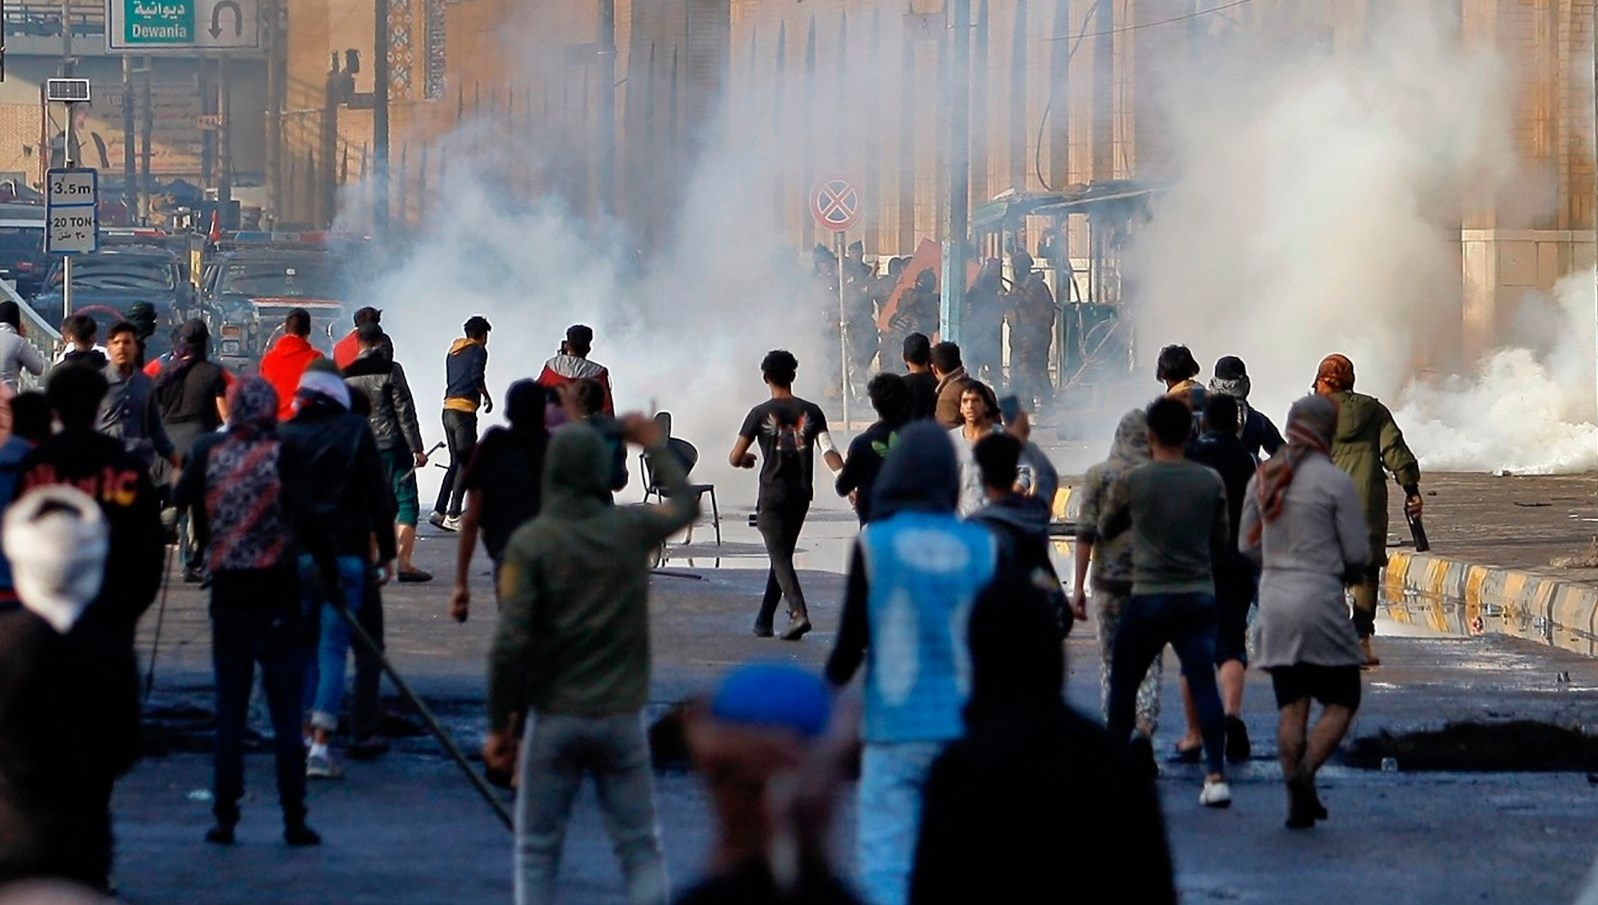 SON DAKİKA HABERİ: Bağdat'ta göstericilere ateş açıldı:16 kişi öldü